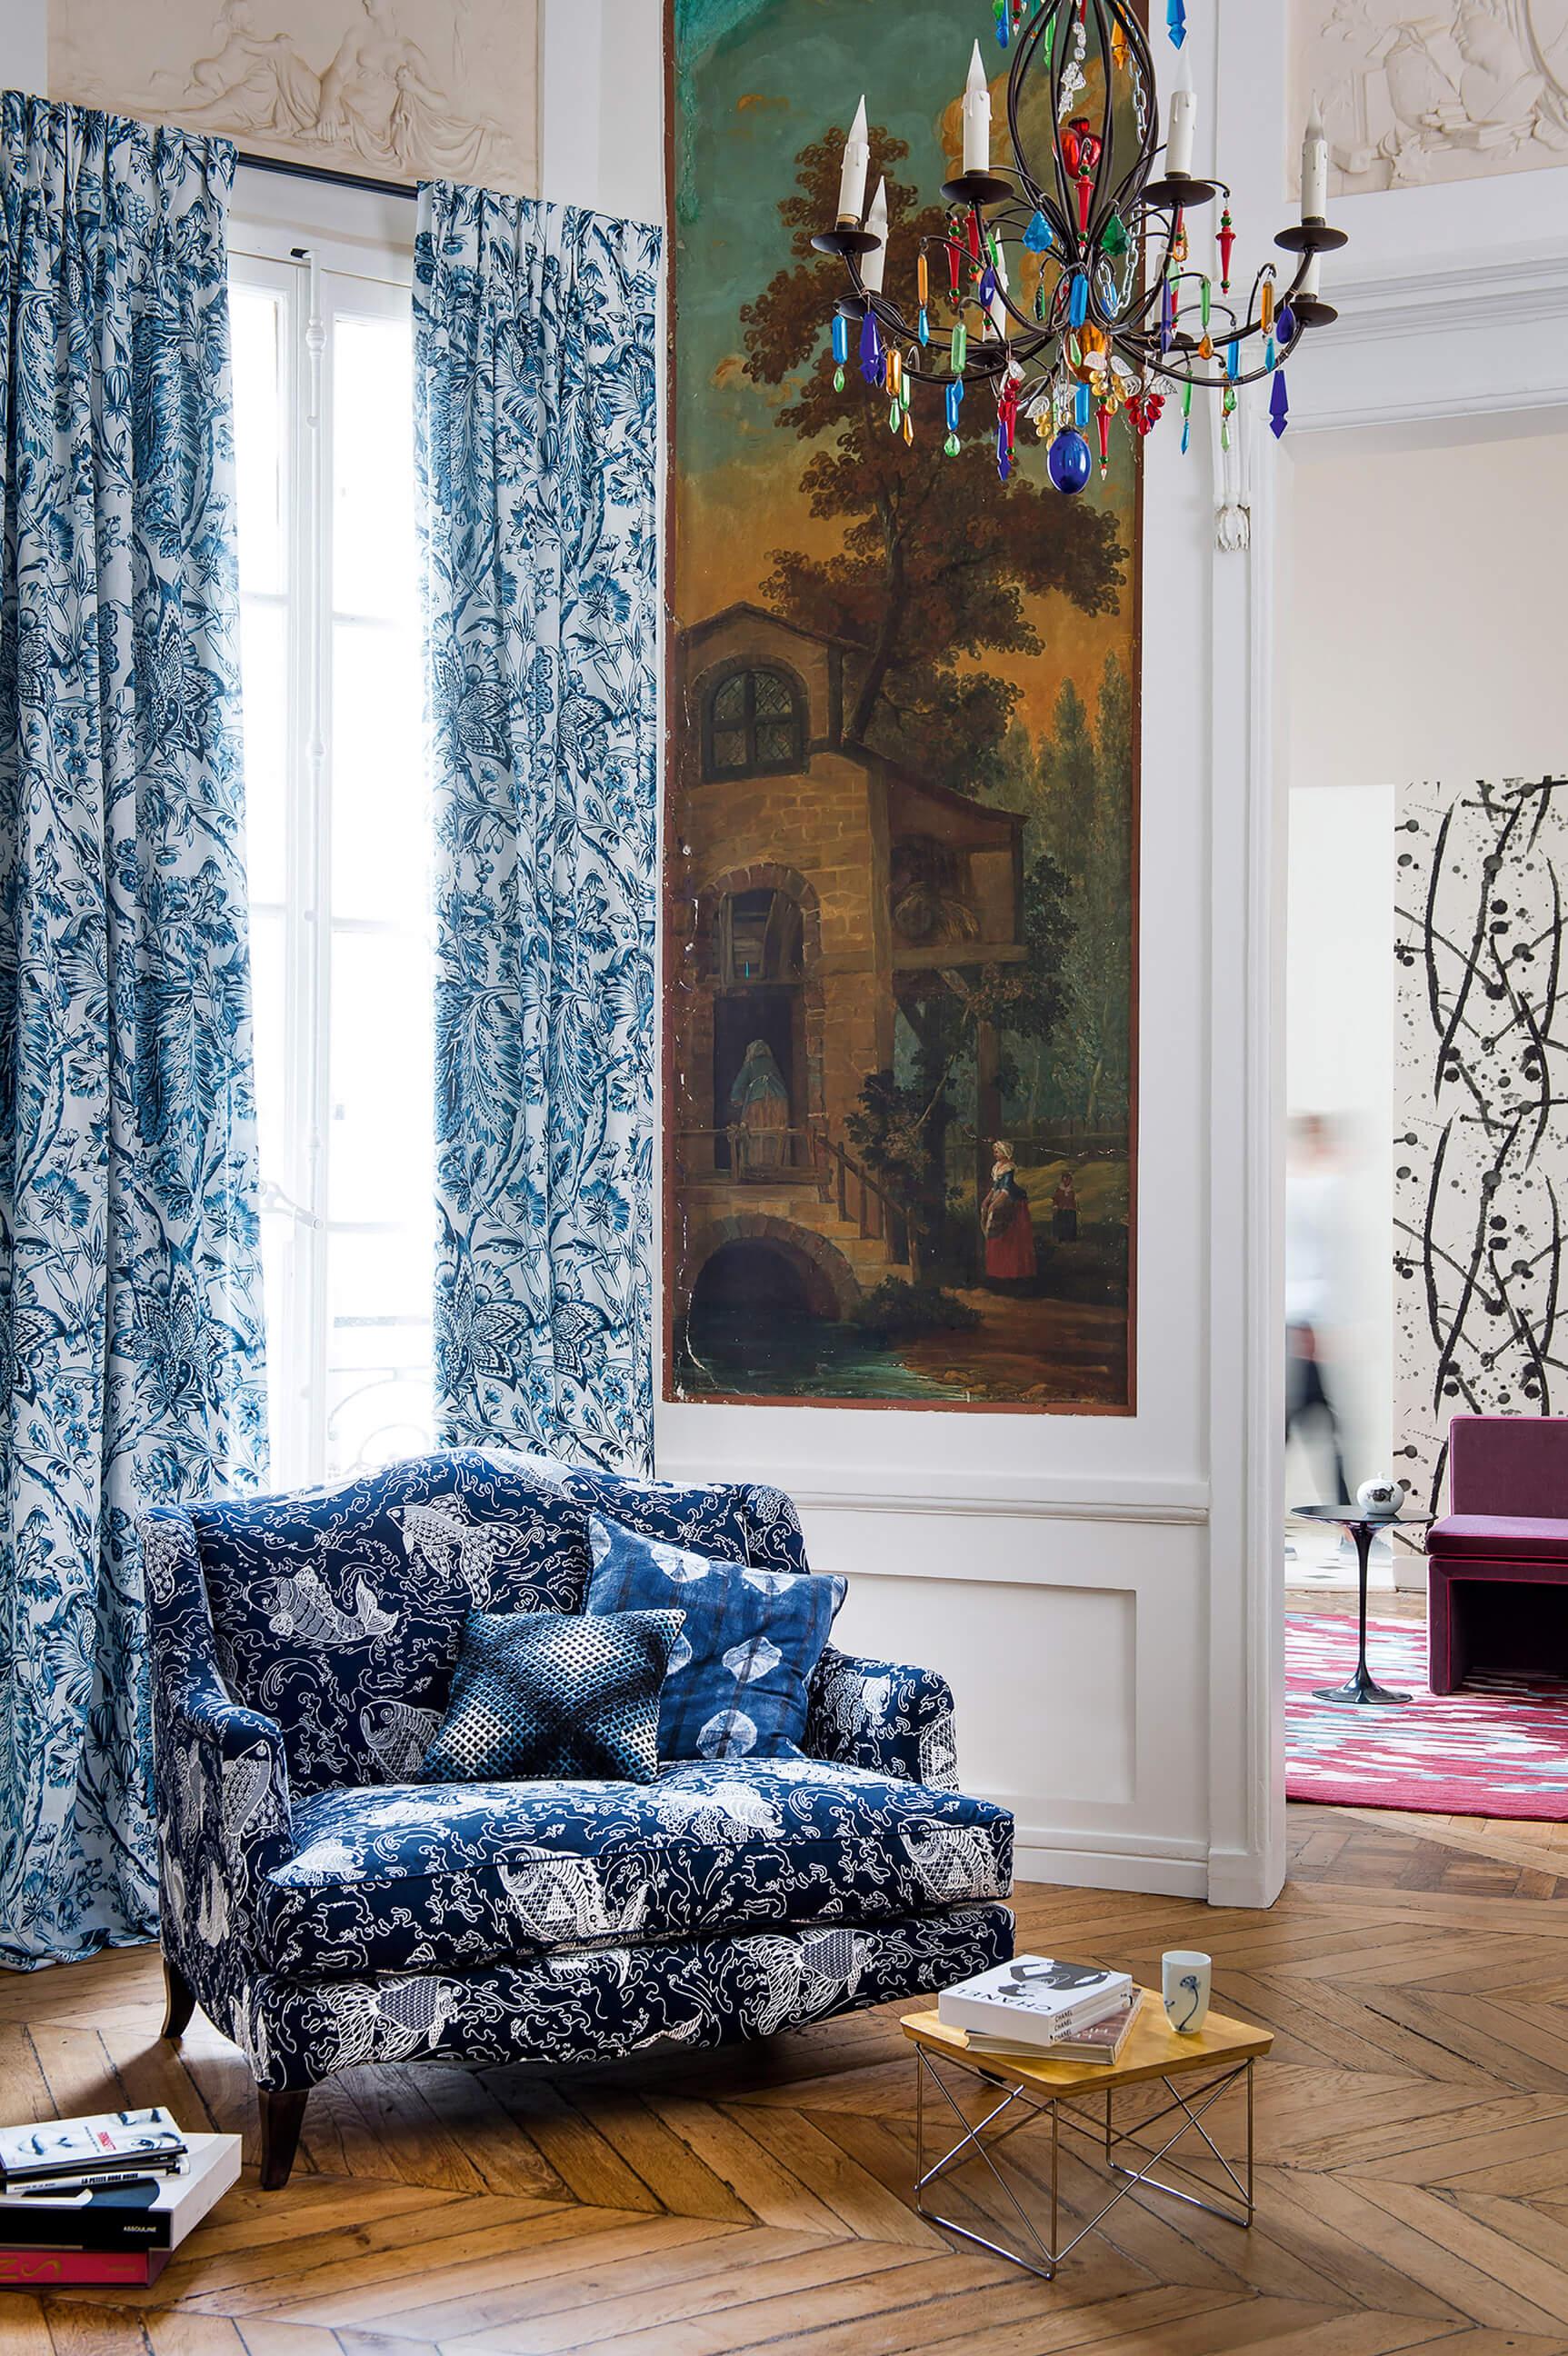 Neue kollektion maoming von pierre frey adler wohndesign for Wohndesign charlottenburg